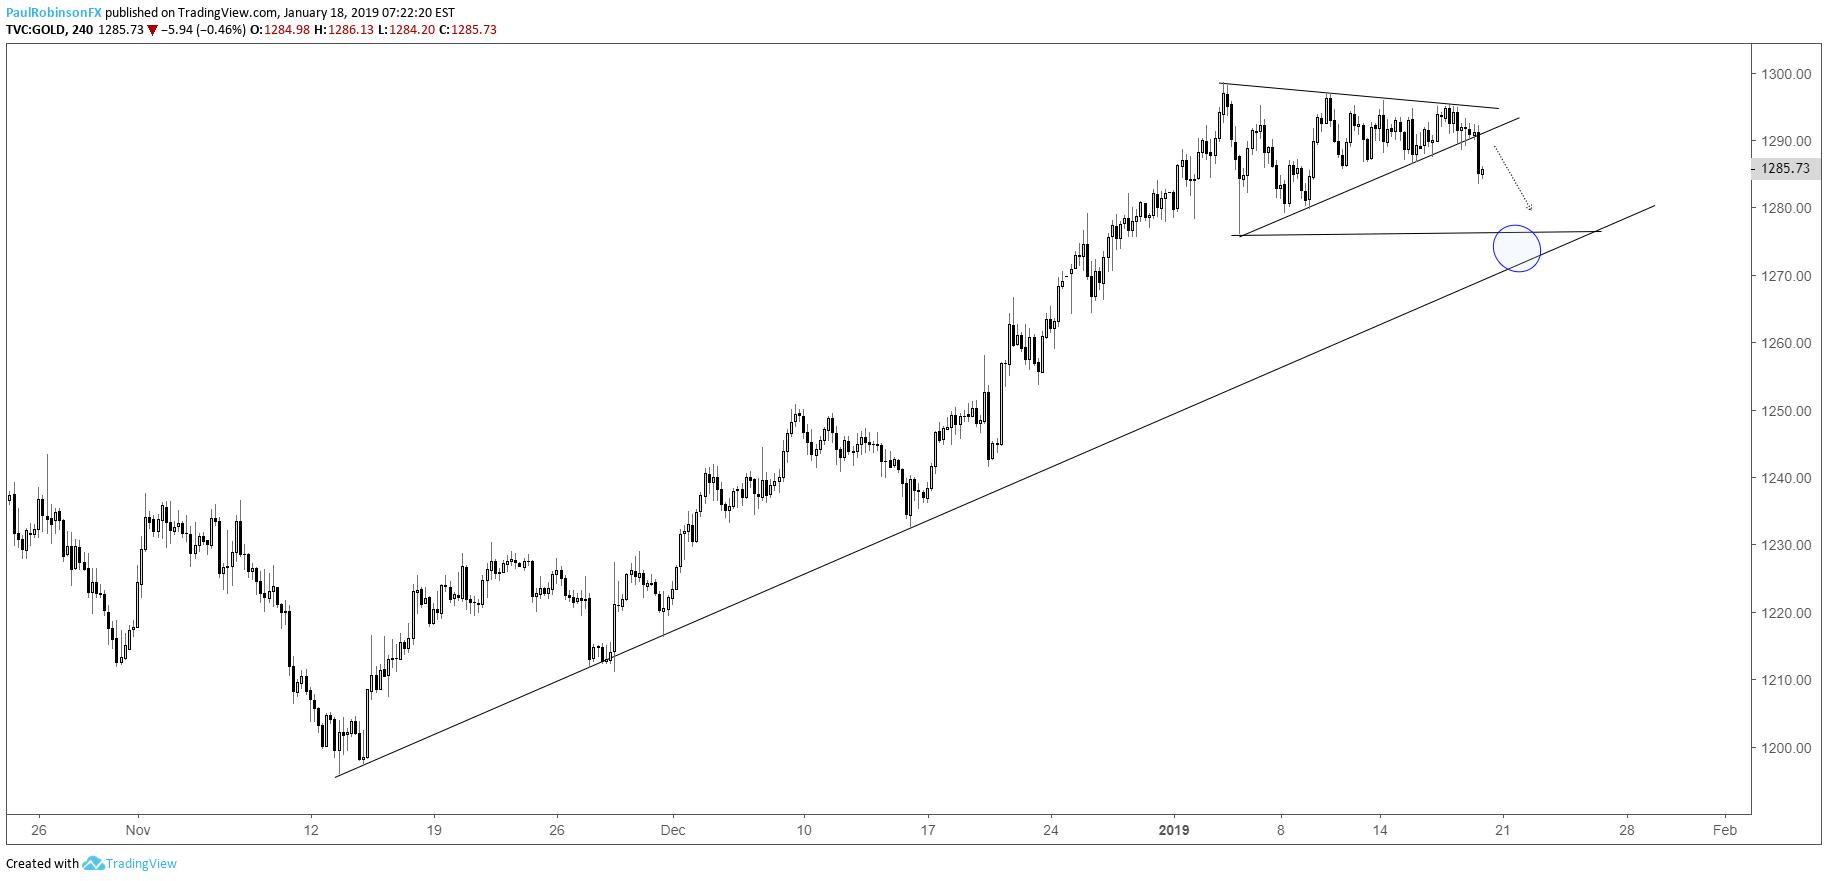 下周技術走勢分析:歐元/美元、美元/加元、黃金